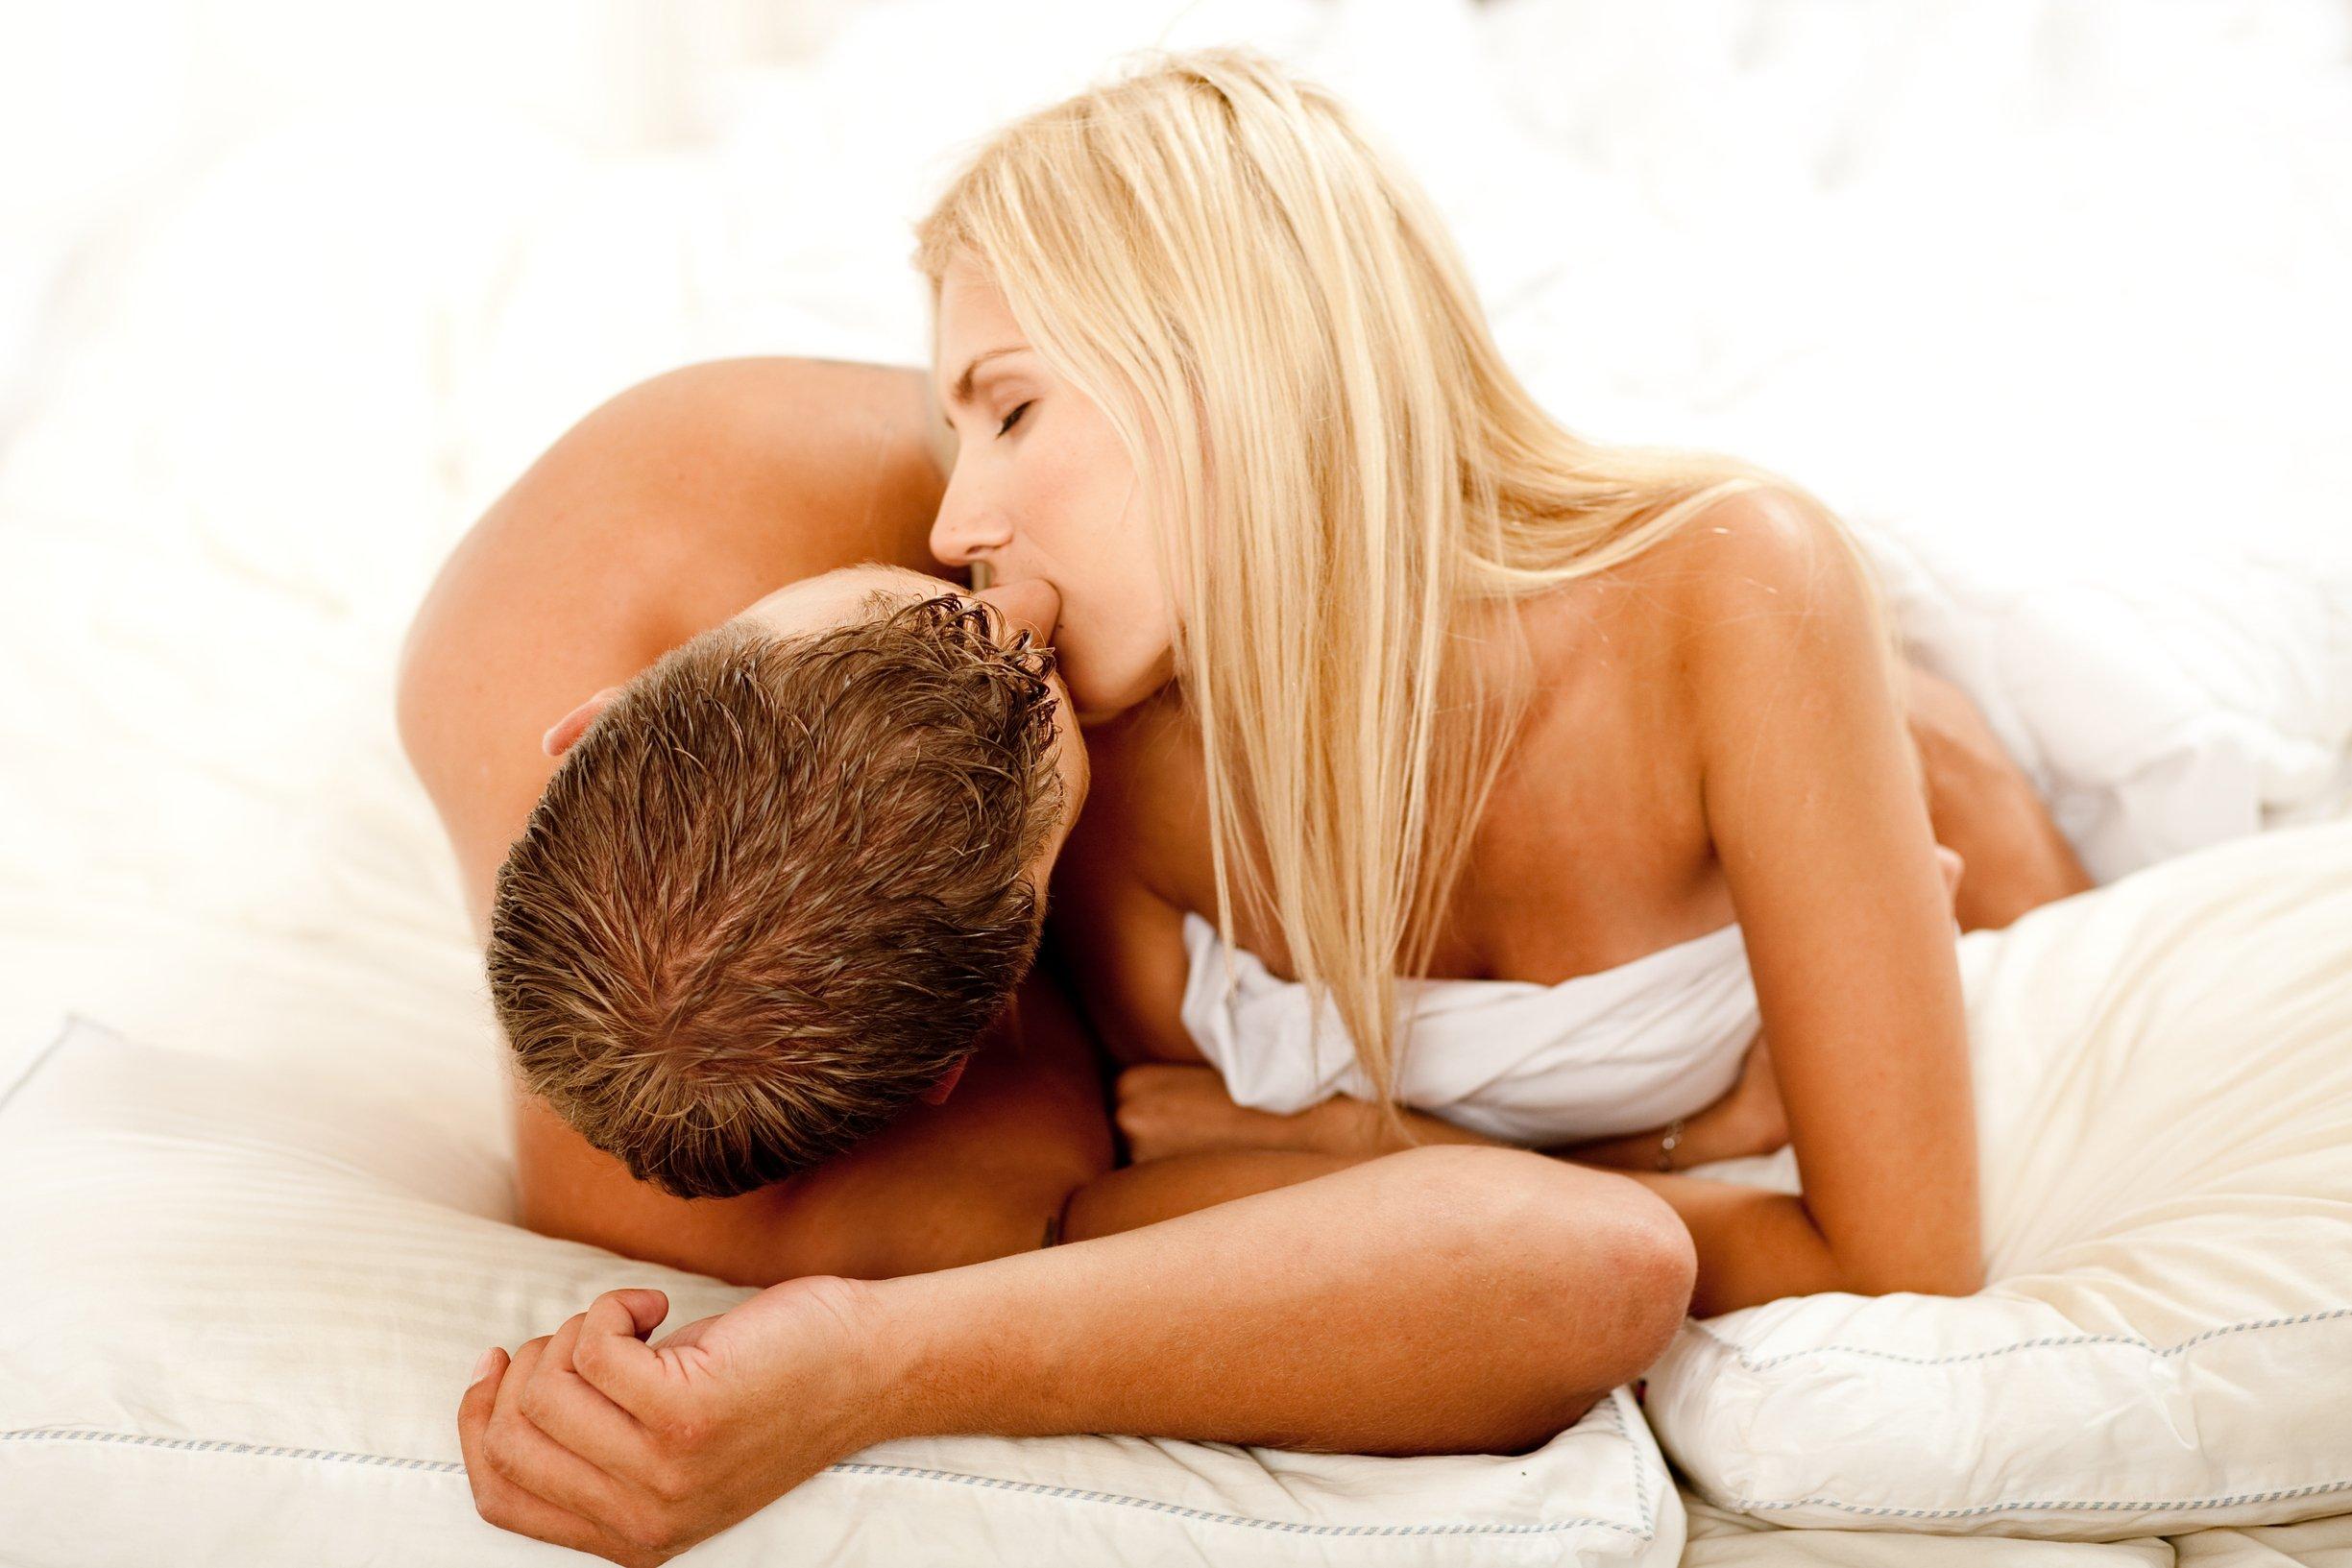 Російський секс і любов молодої парочки 22 фотография